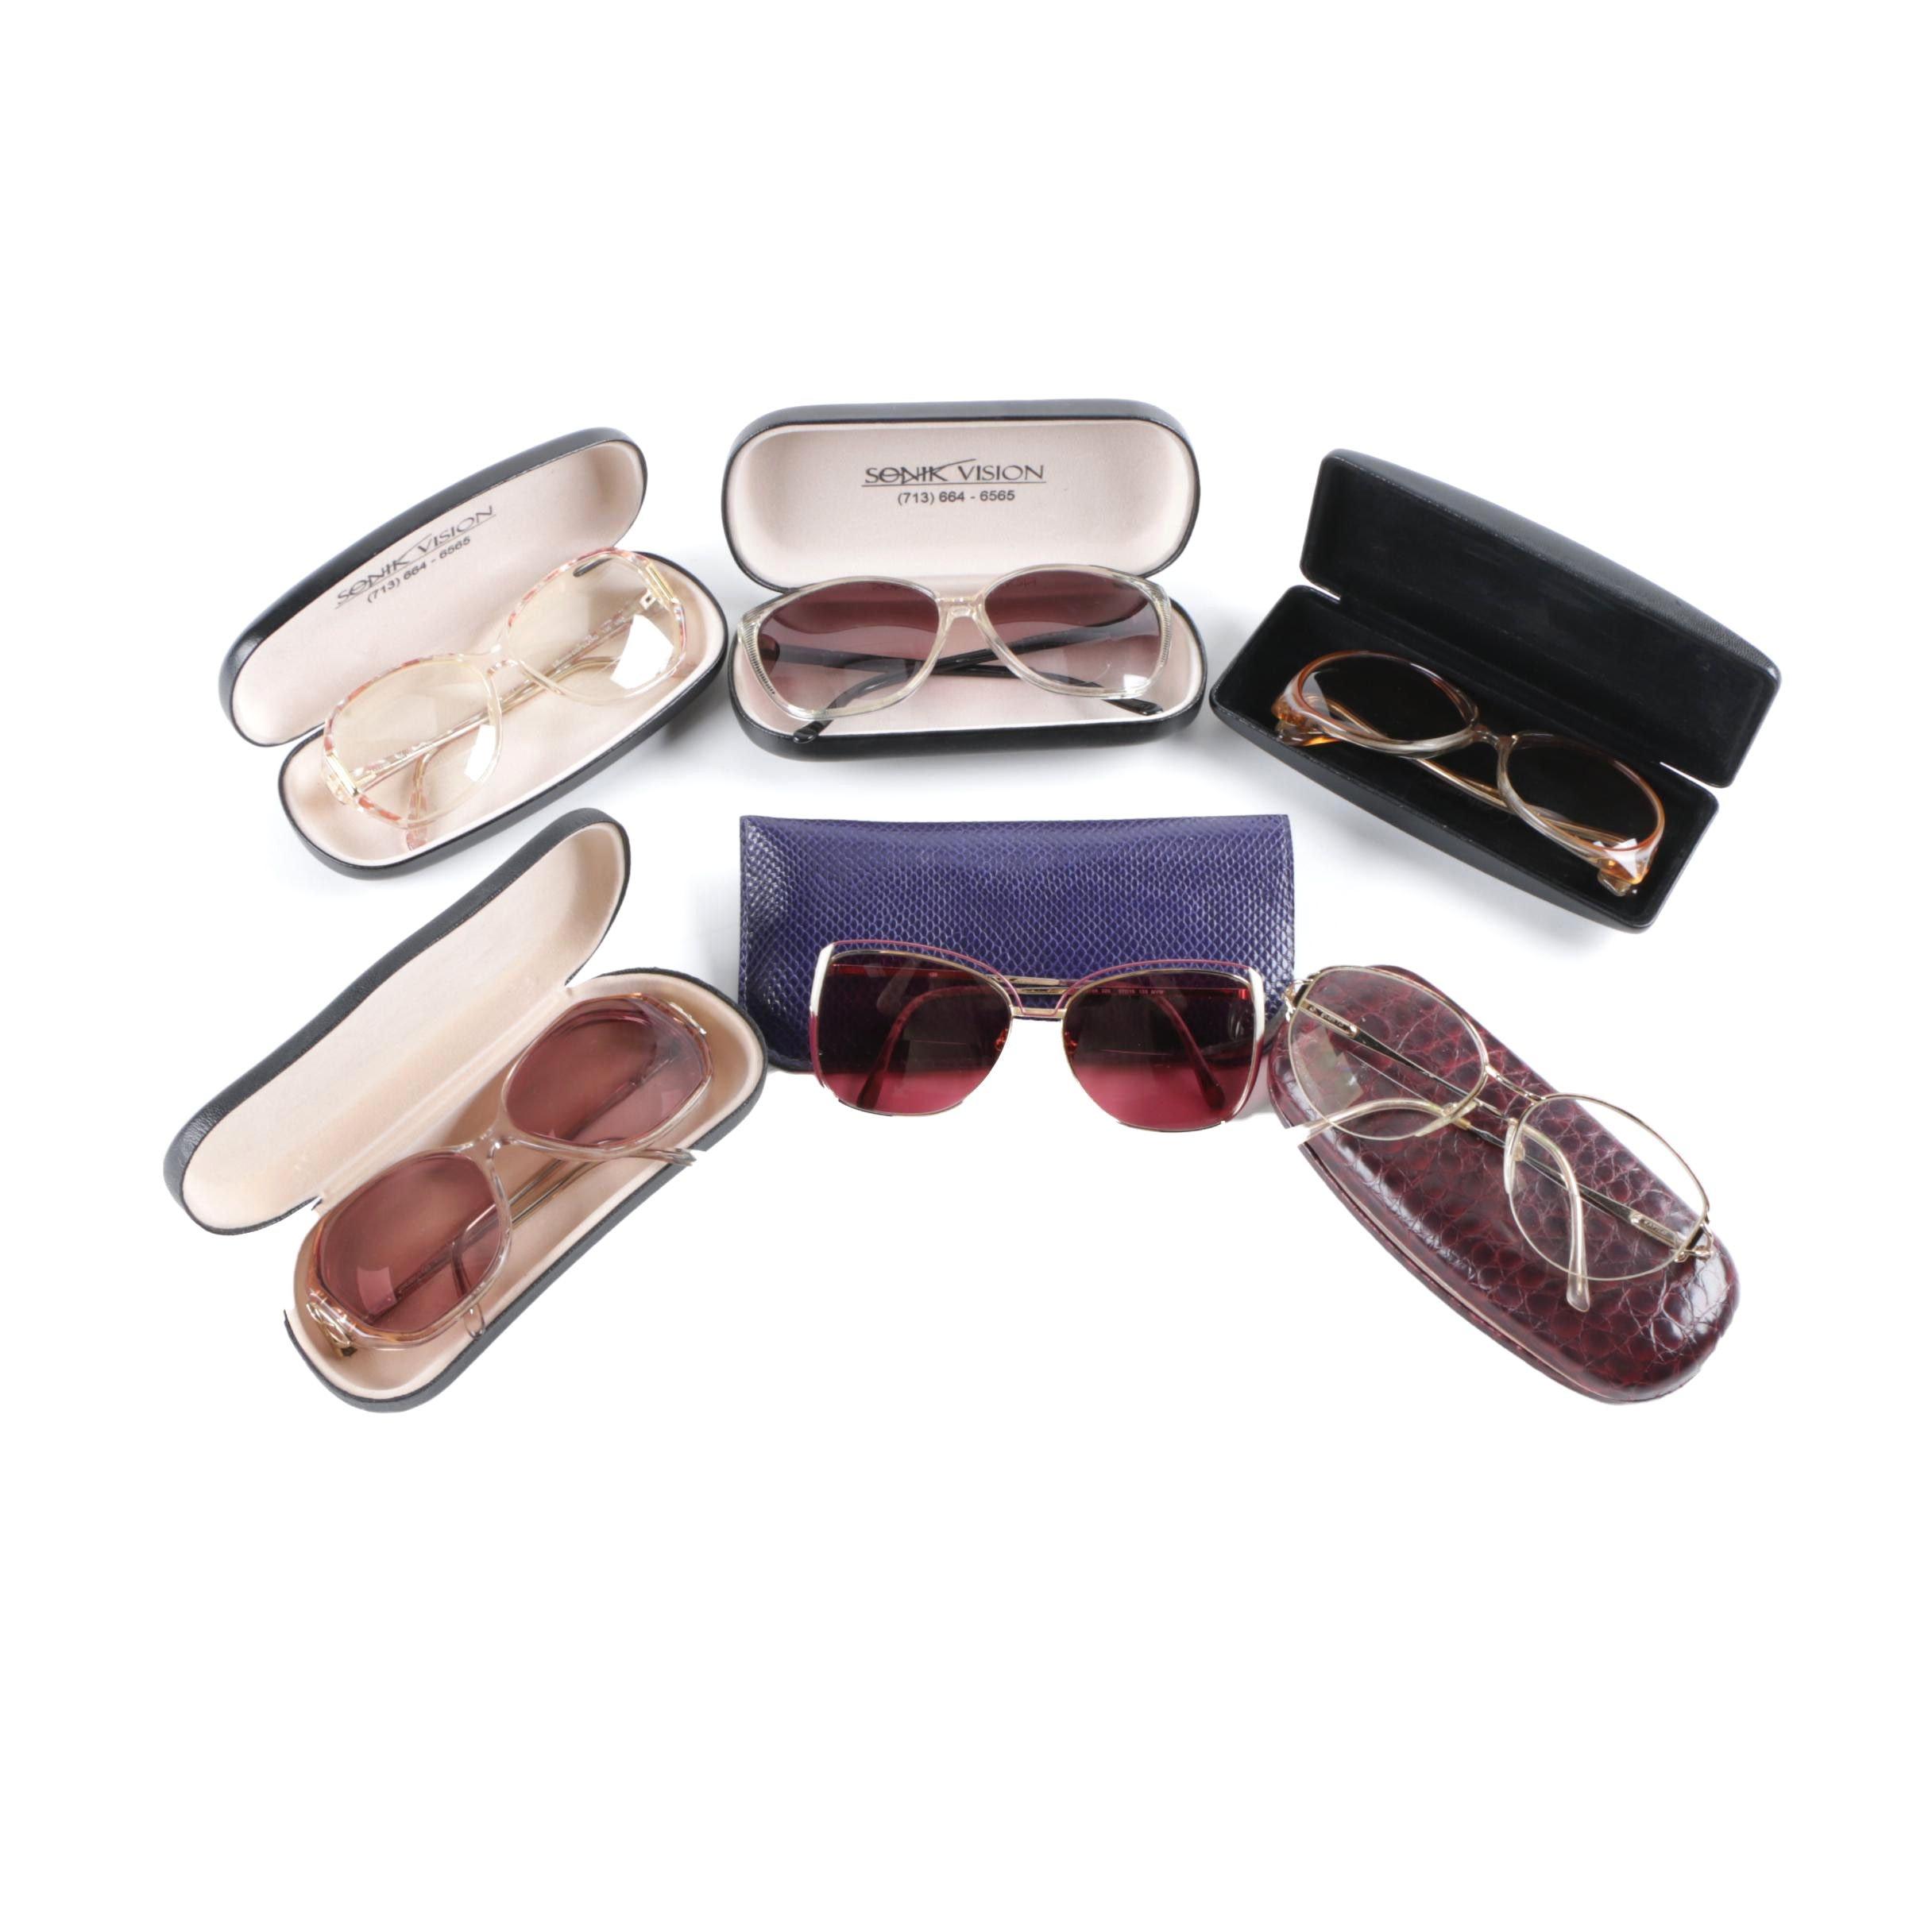 1970s and 1980s Sunglasses and Prescription Glasses Including Safilo, Luxottica